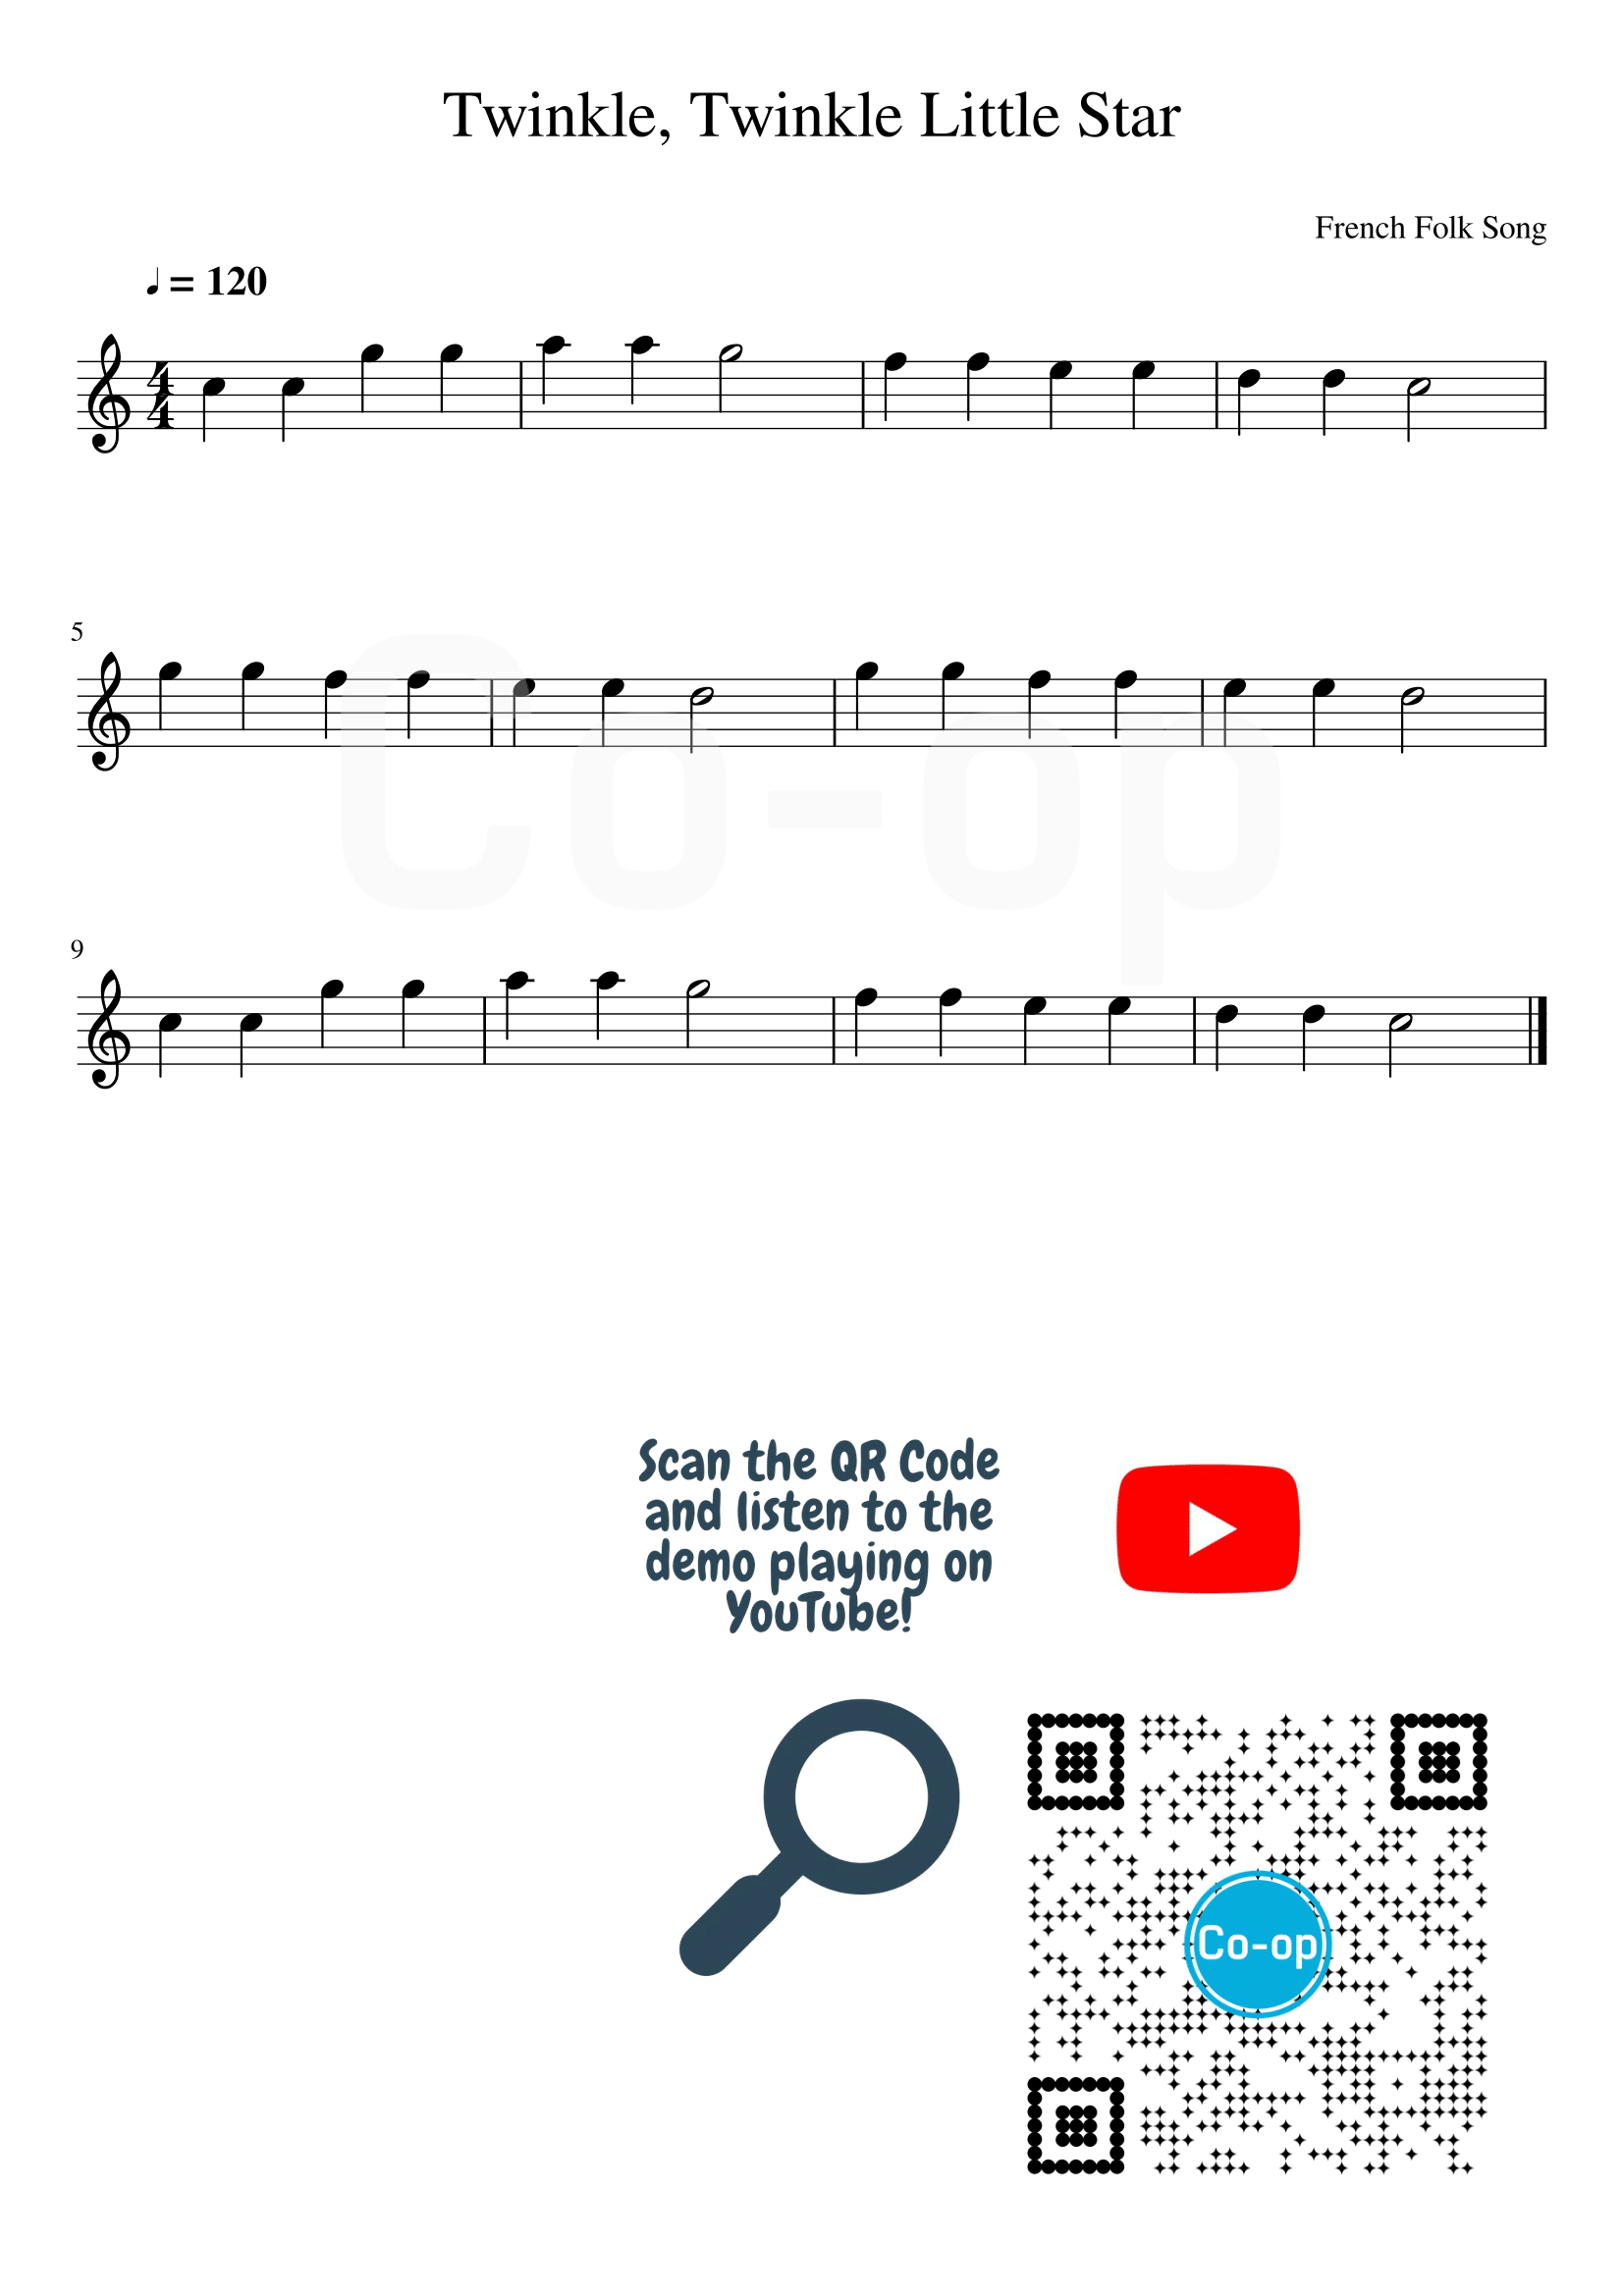 Twinkle Twinkle Little Star | Staff Notation | Free Sheet Music